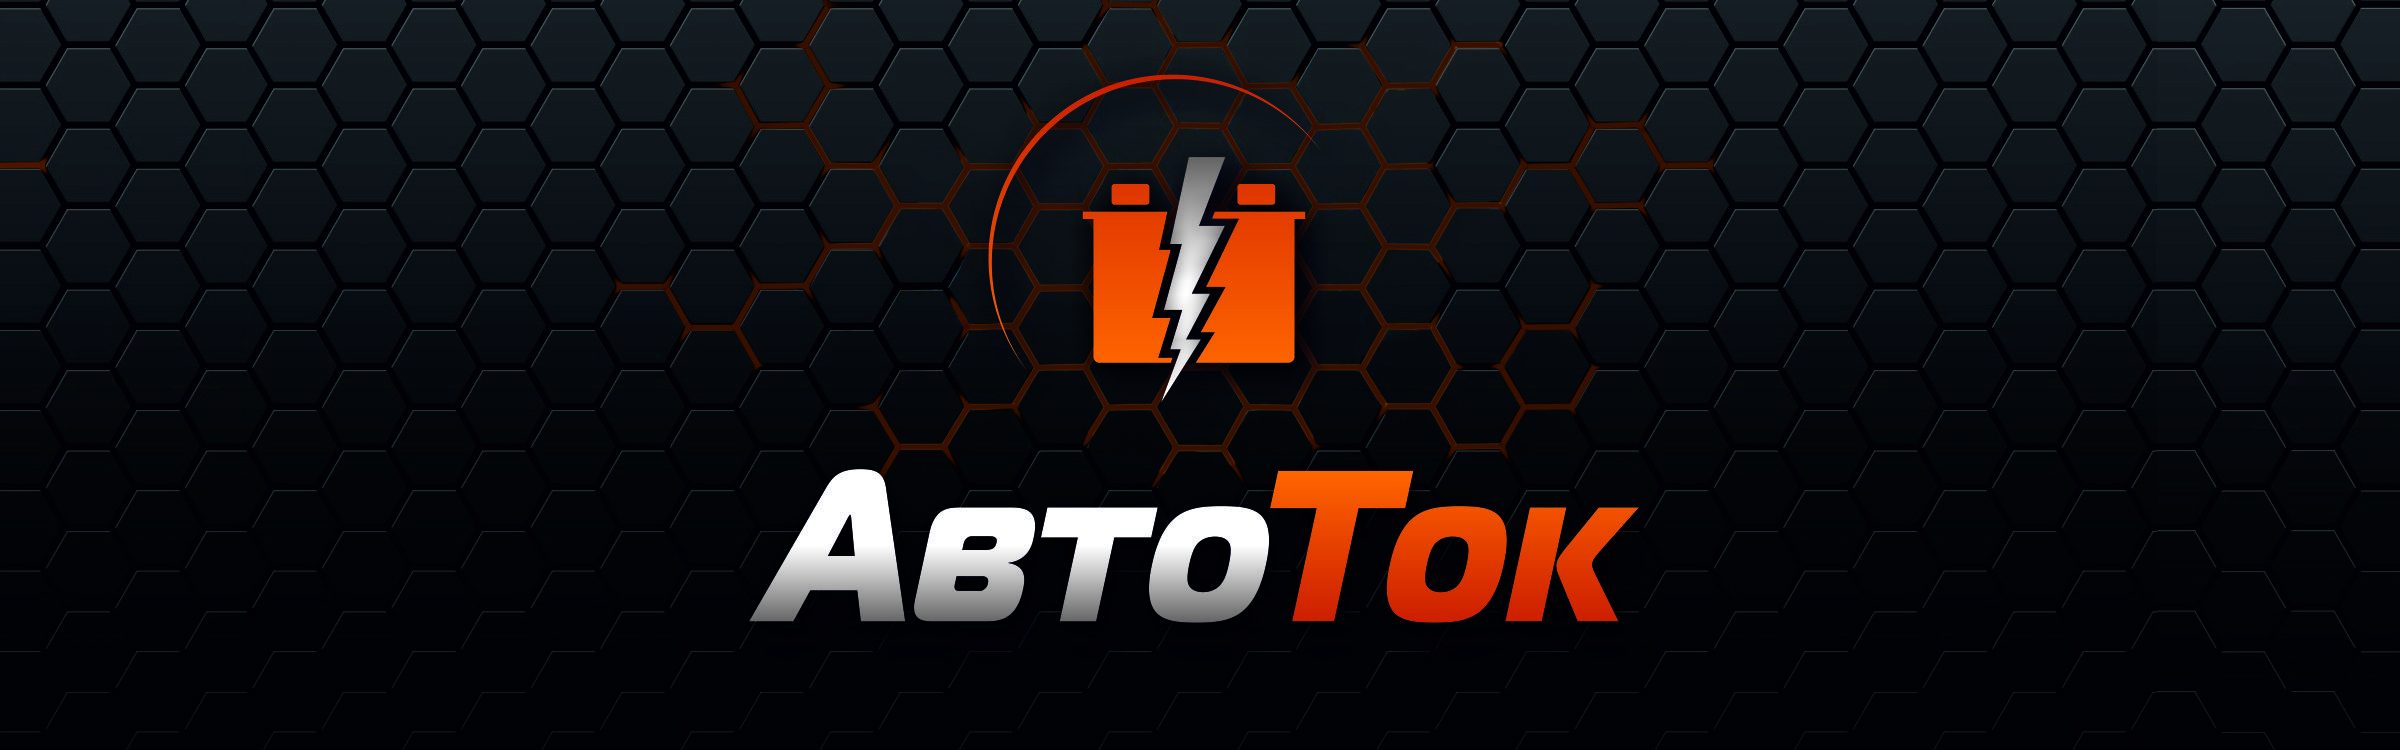 Автомобильные аккумуляторы 'АвтоТок - Автомобильные аккумуляторы' в Смоленске. Главная страница